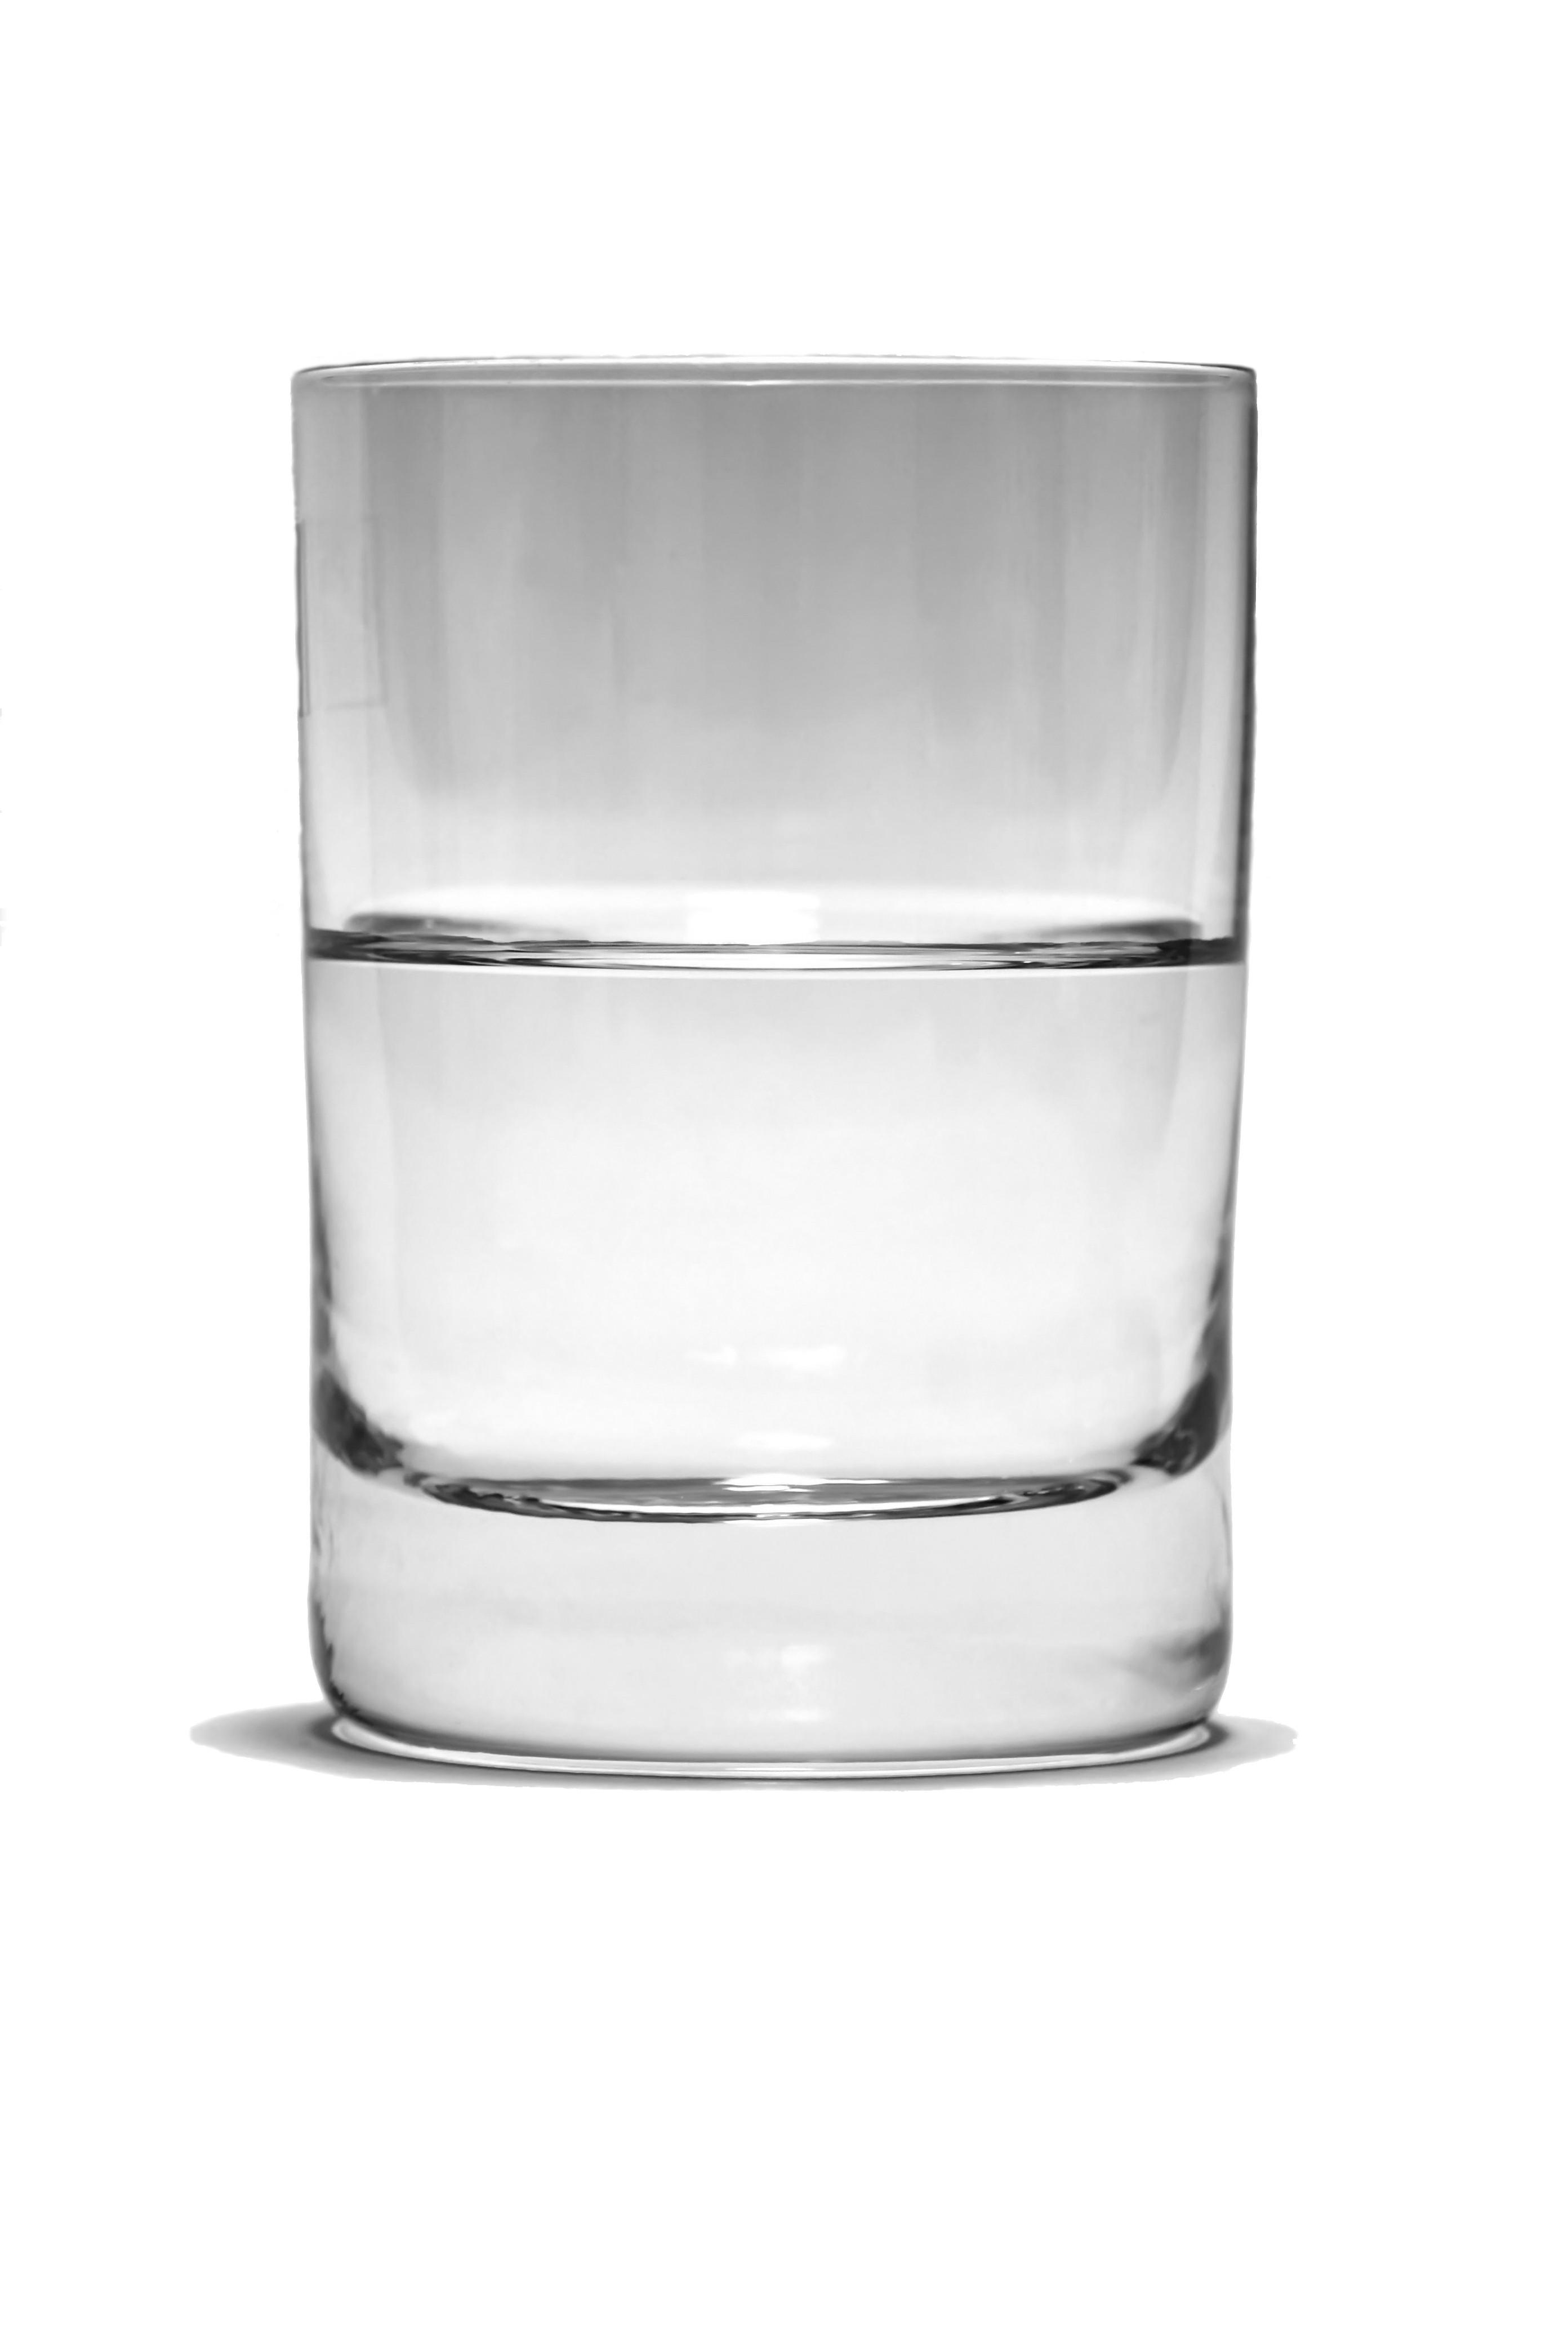 bicchiere mezzo vuoto o mezzo pieno